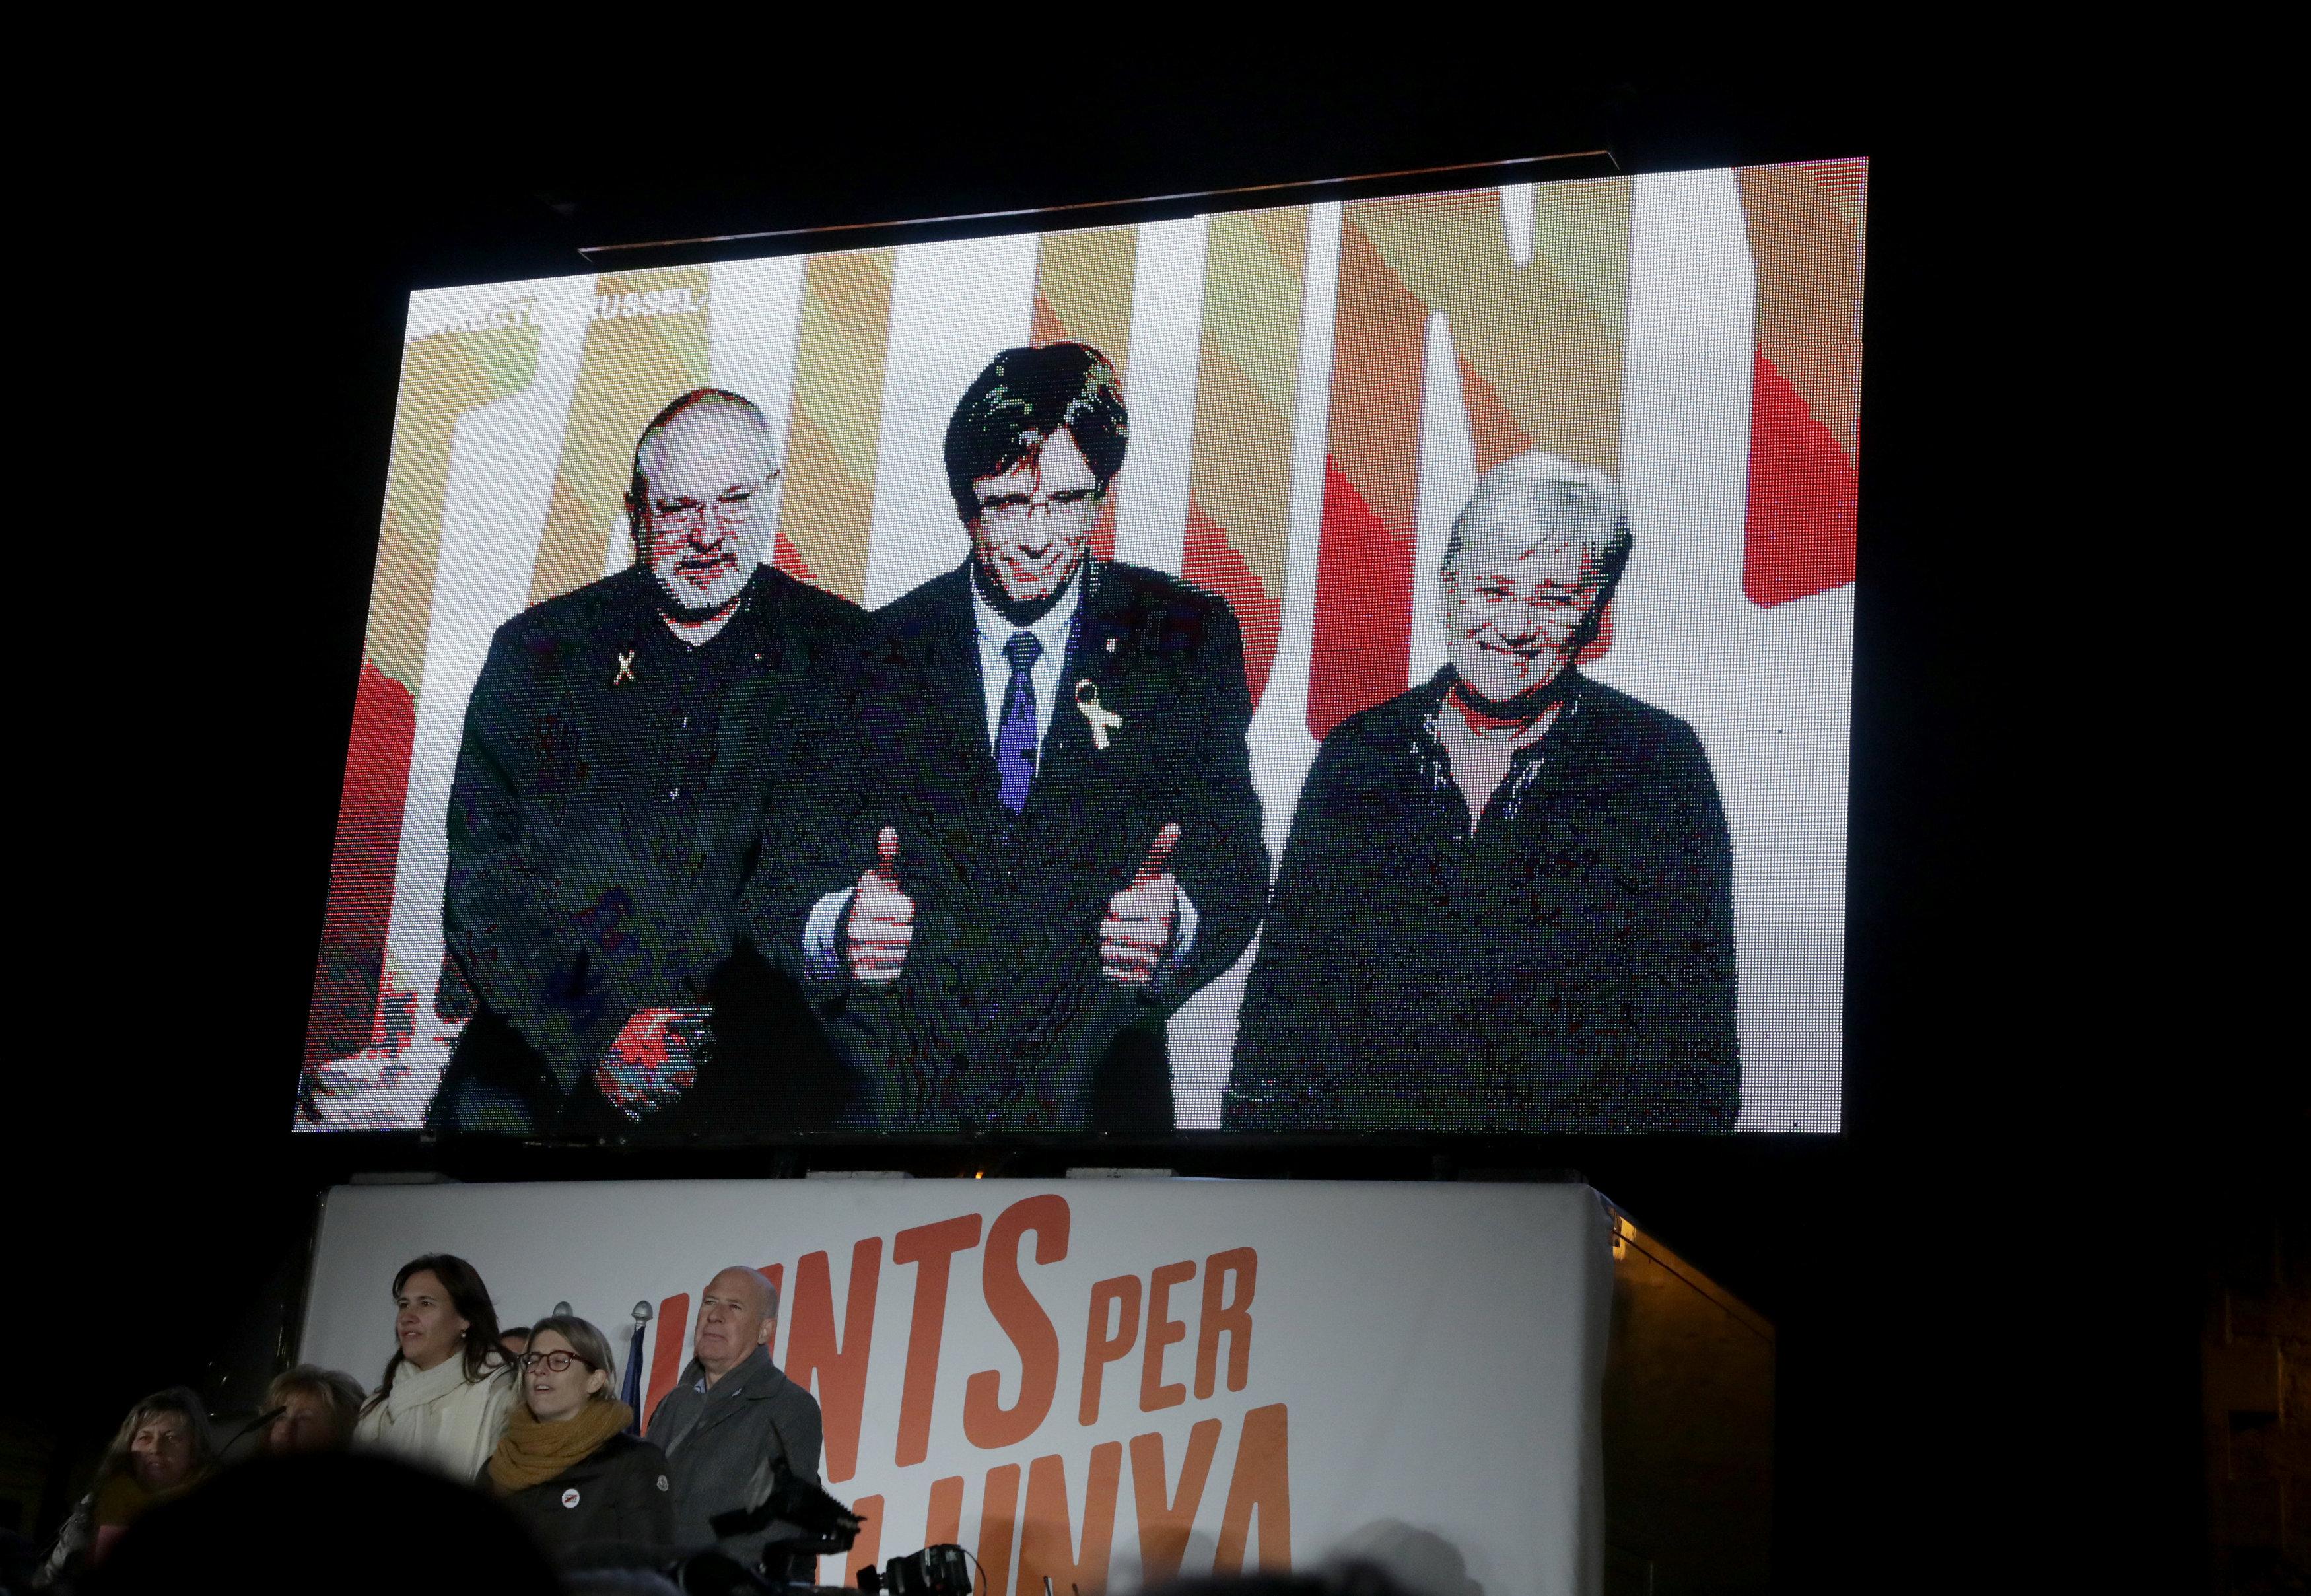 İspanya'da Katalonya için seçim zamanına son 1 gün